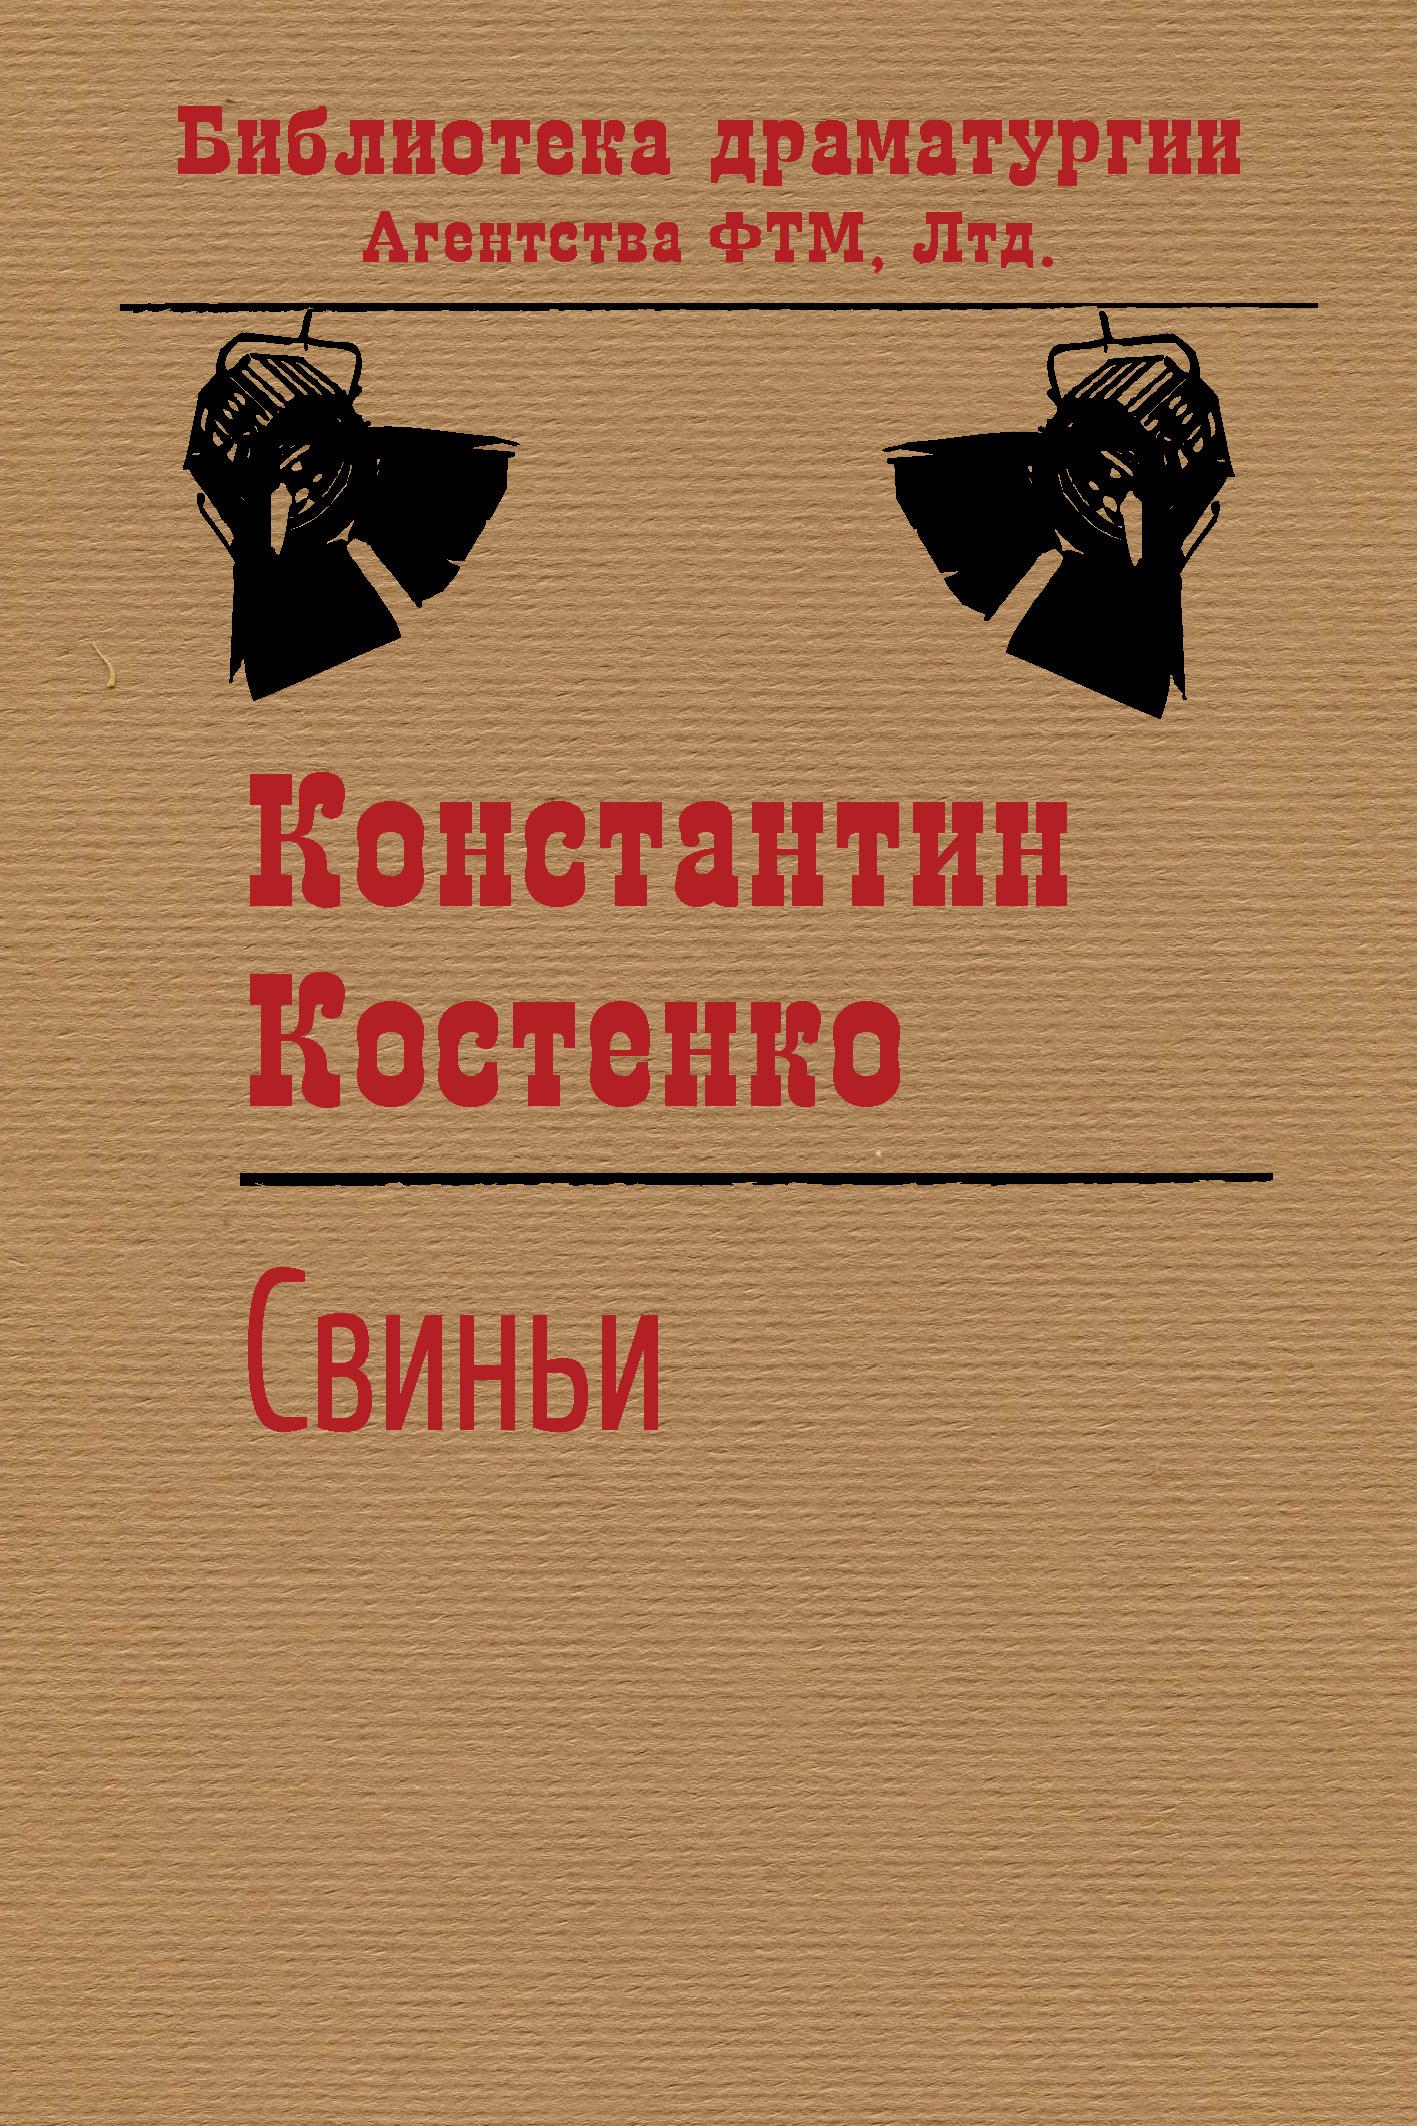 Константин Костенко Свиньи константин костенко свиньи